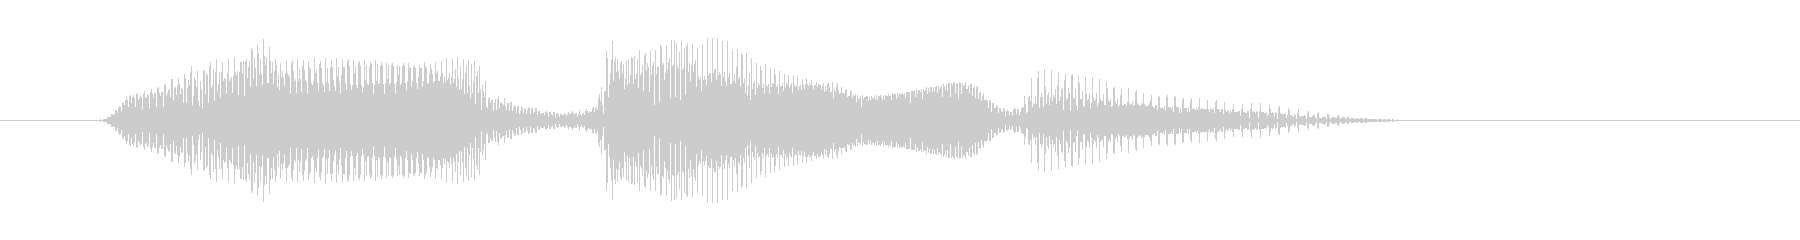 NOVEMBER(ノーベンバー・Nov…の未再生の波形